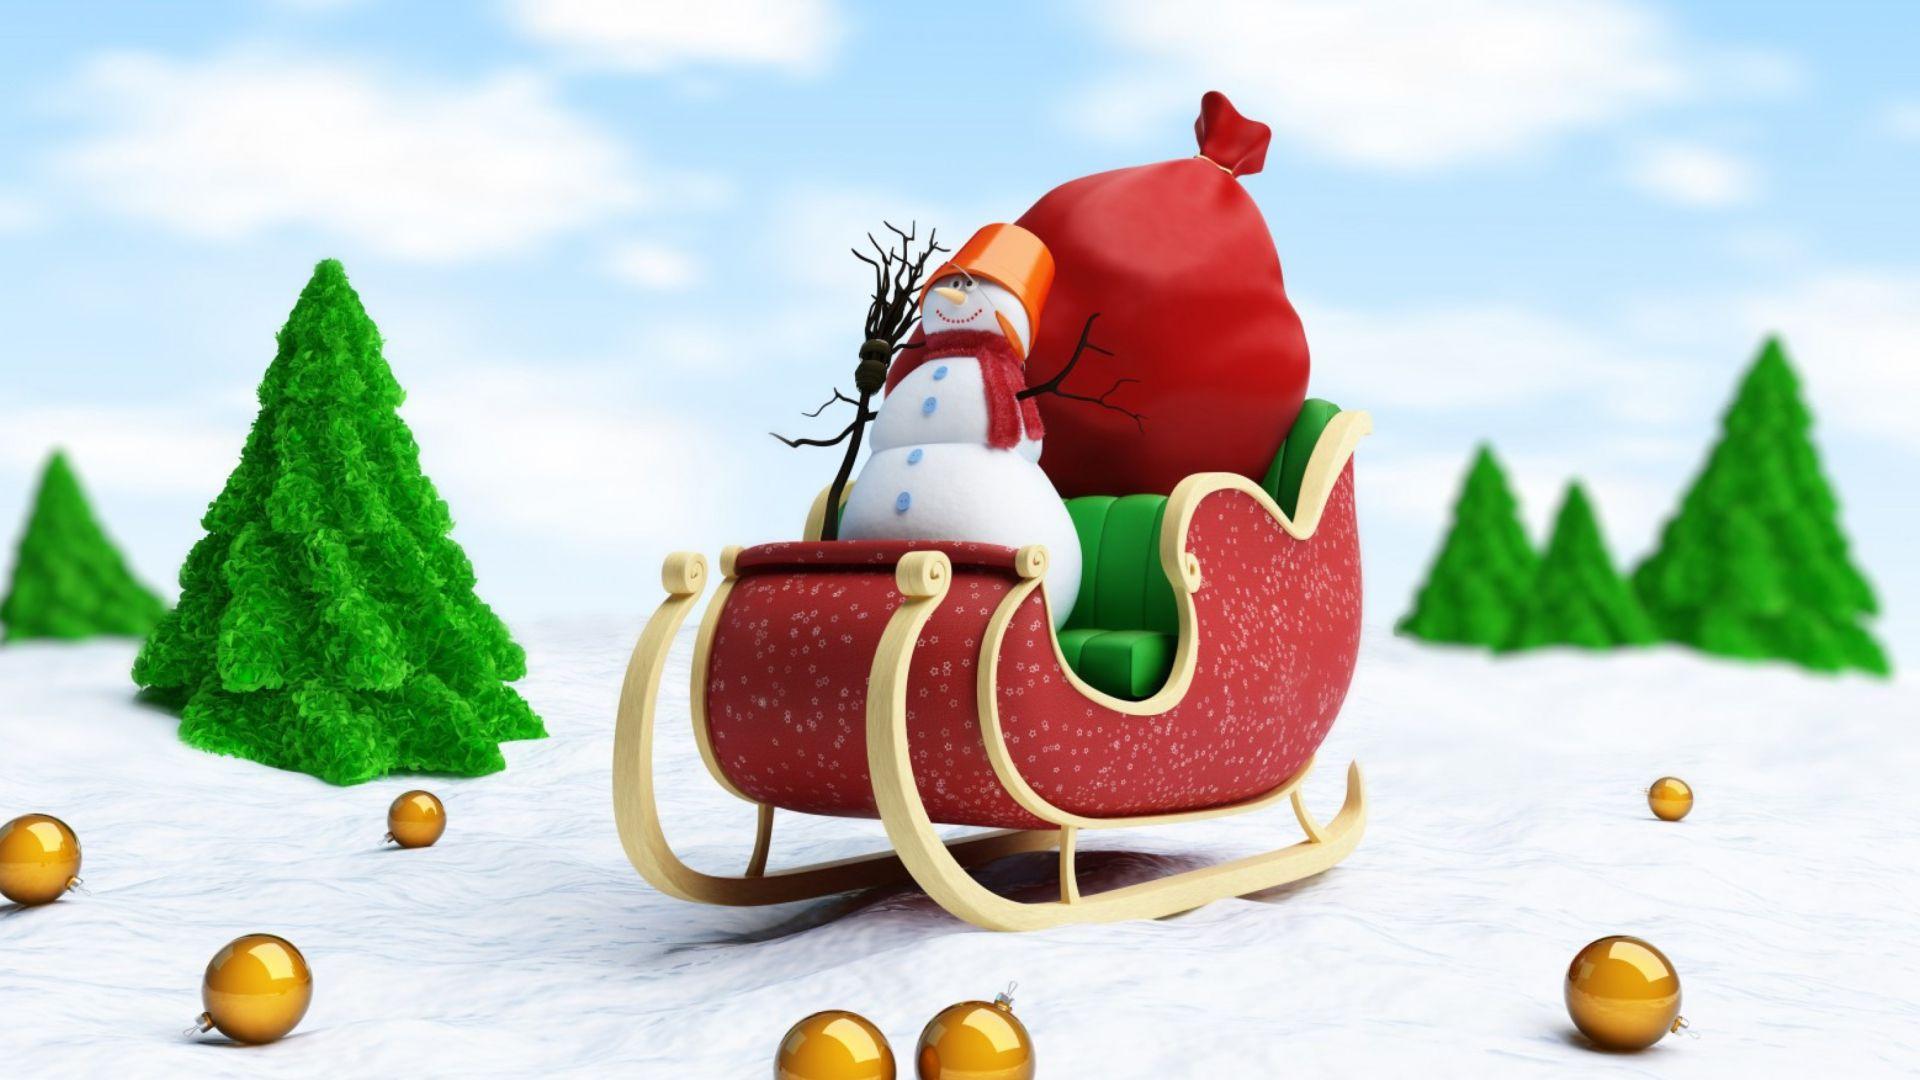 Christmas Sleigh Wallpaper Image